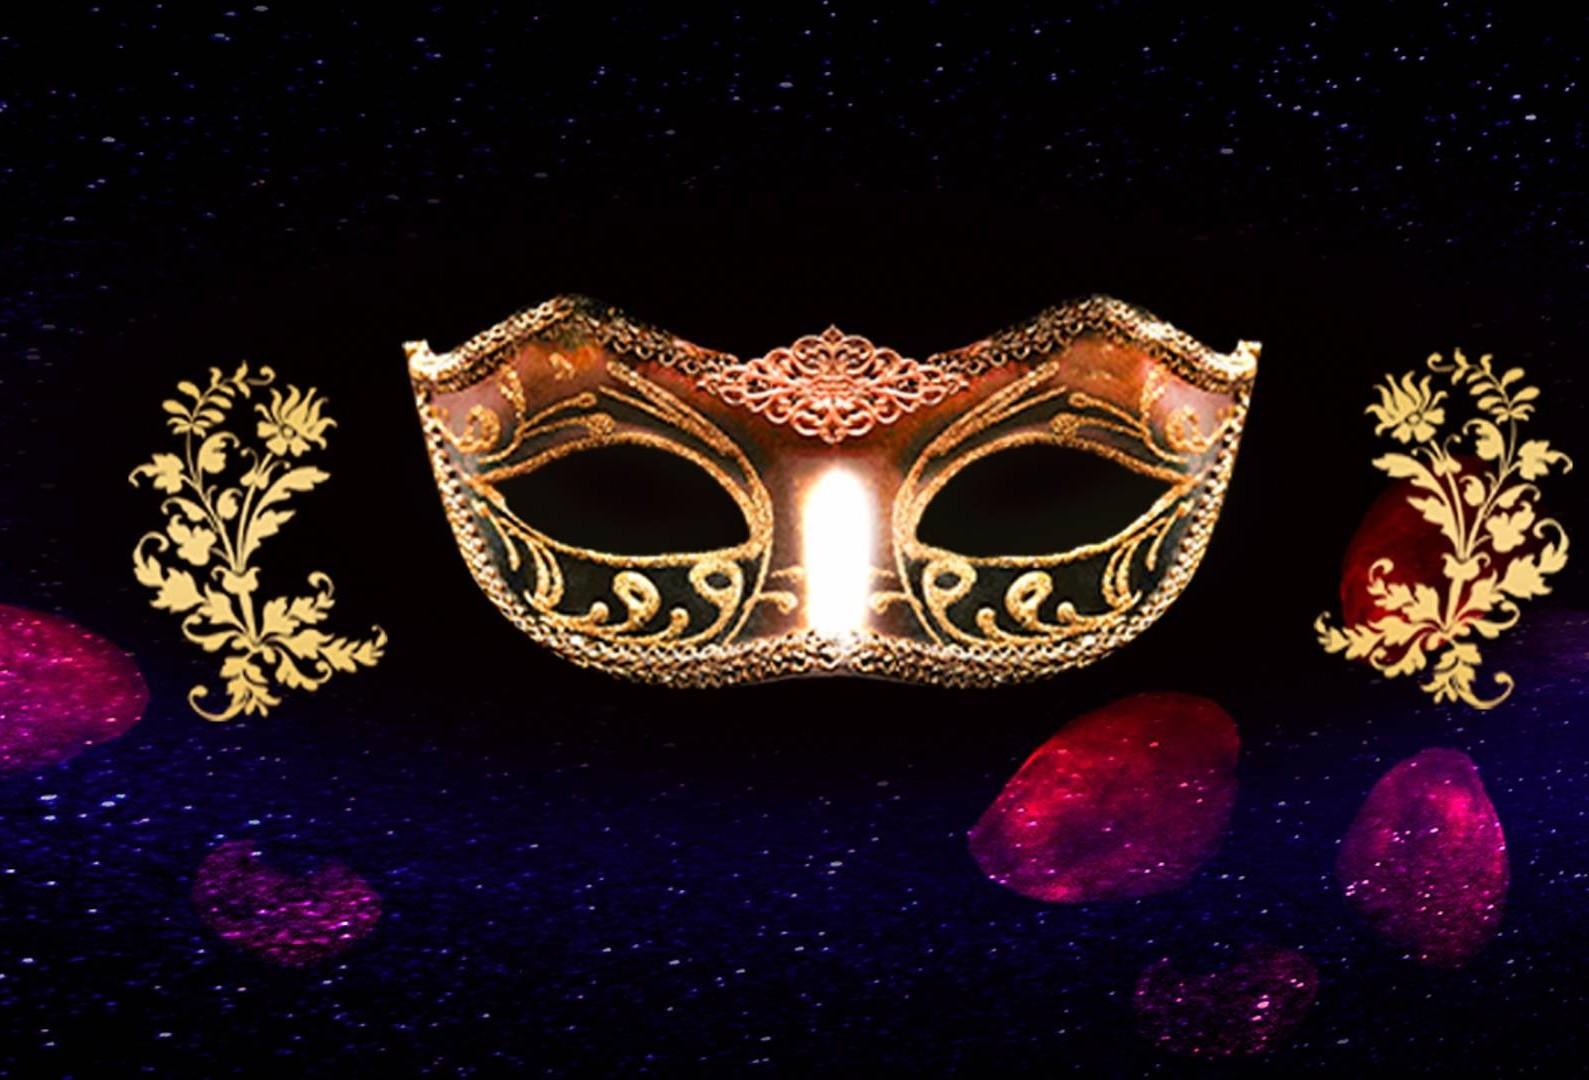 Купить билет в Кремль на концерт Новогодний маскарад